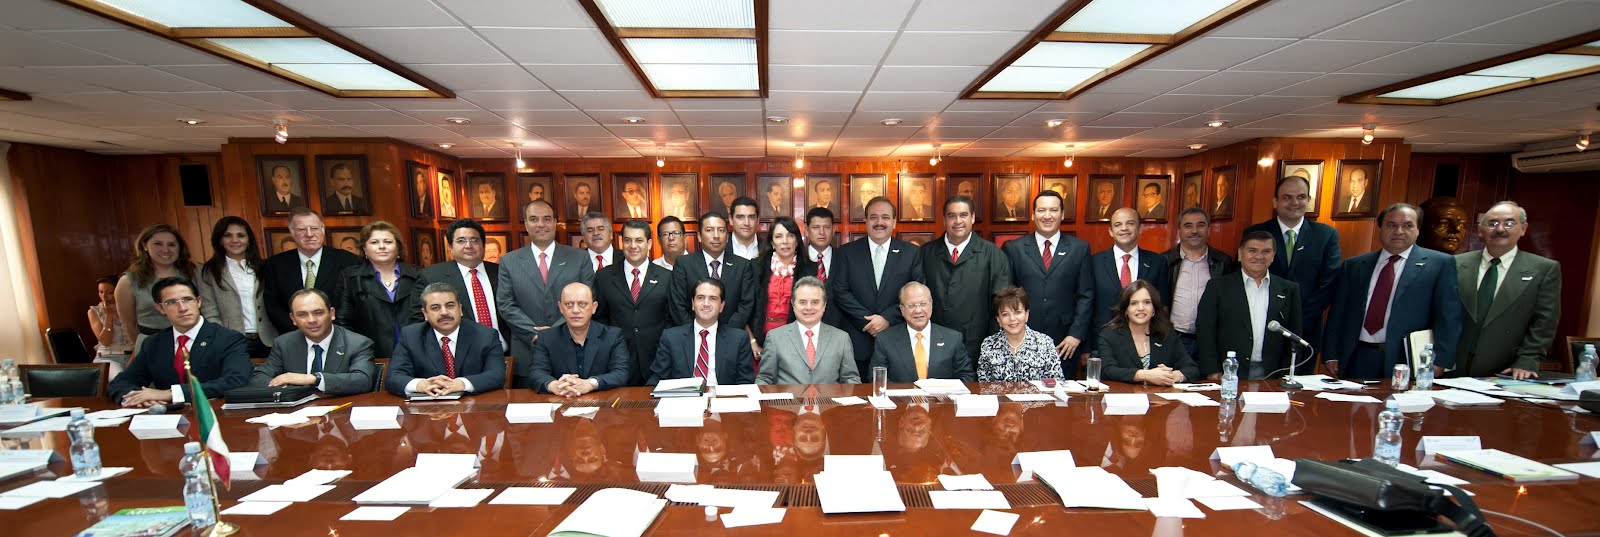 Semanario el independiente participa alcaldesa de la paz for Buro reunion